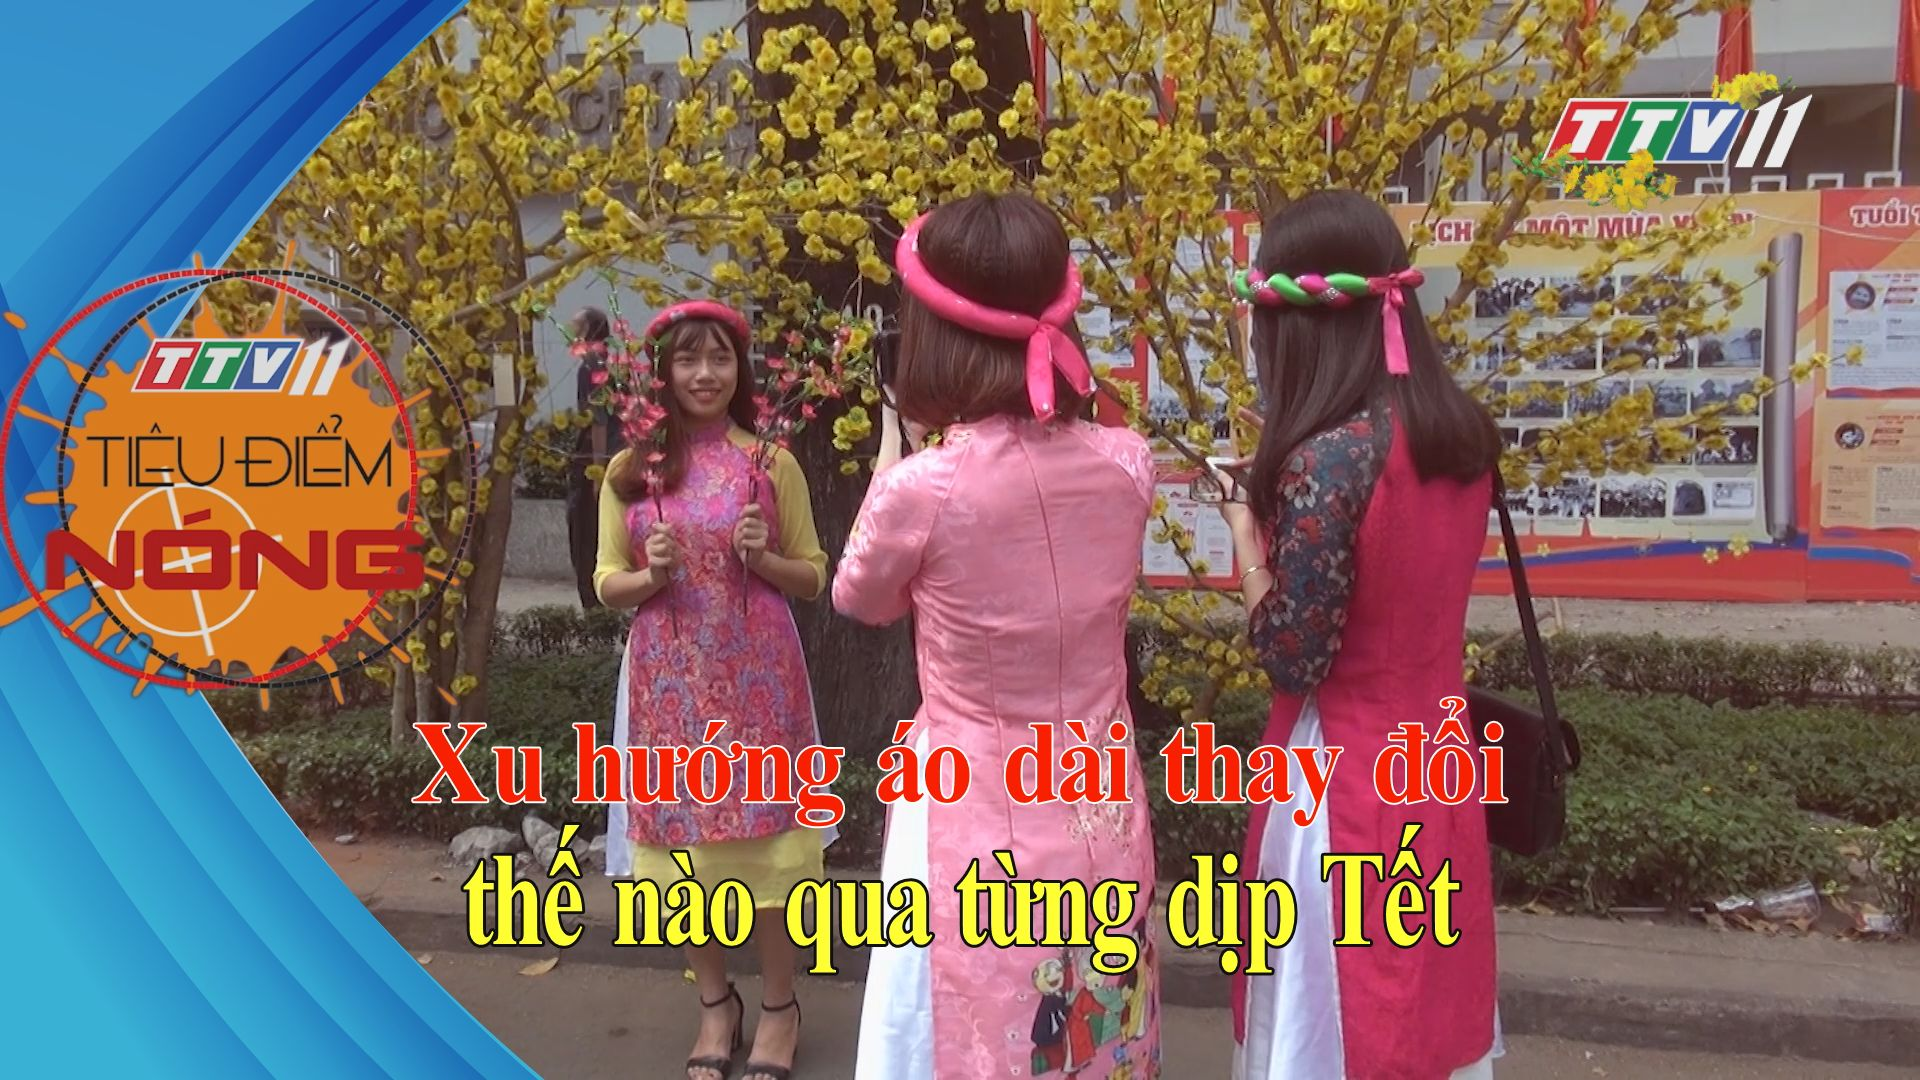 Xu hướng áo dài thay đổi như thế nào qua từng dịp Tết | Tiêu điểm nóng | TayNinhTV